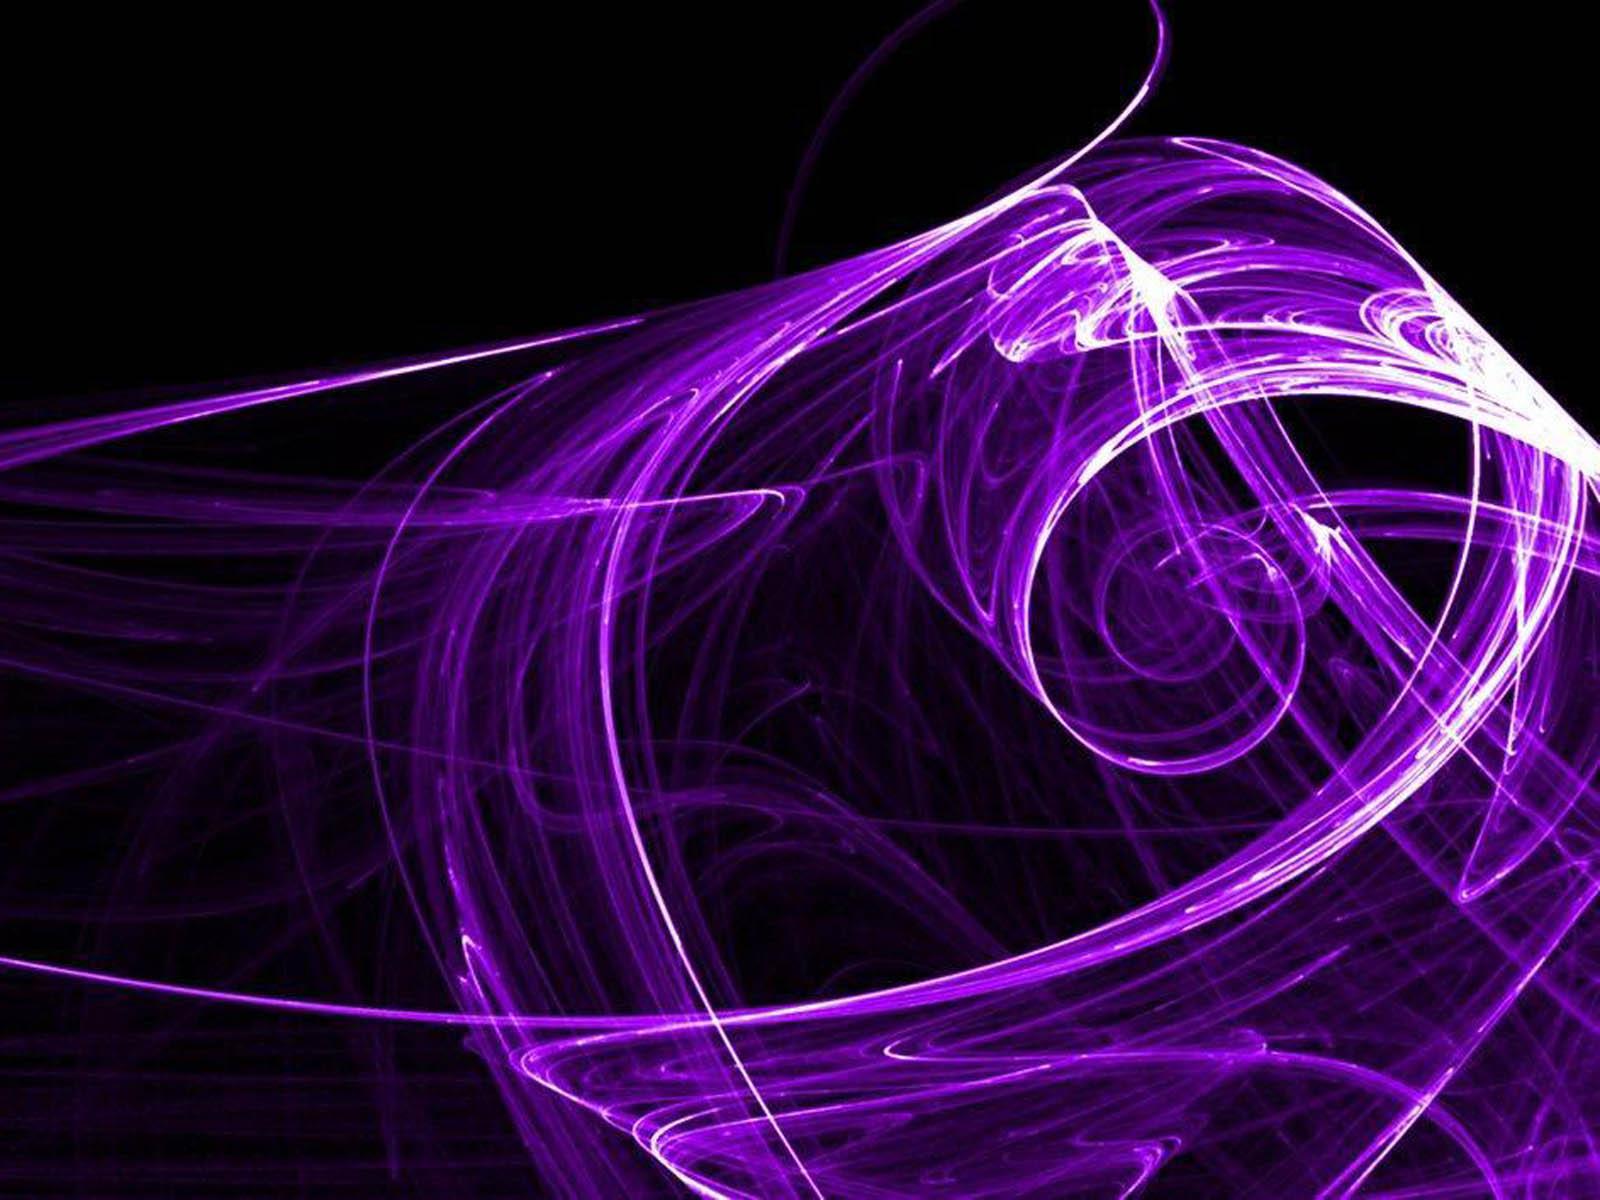 Abstract Desktop Wallpapers, Purple Abstract Desktop Backgrounds ...